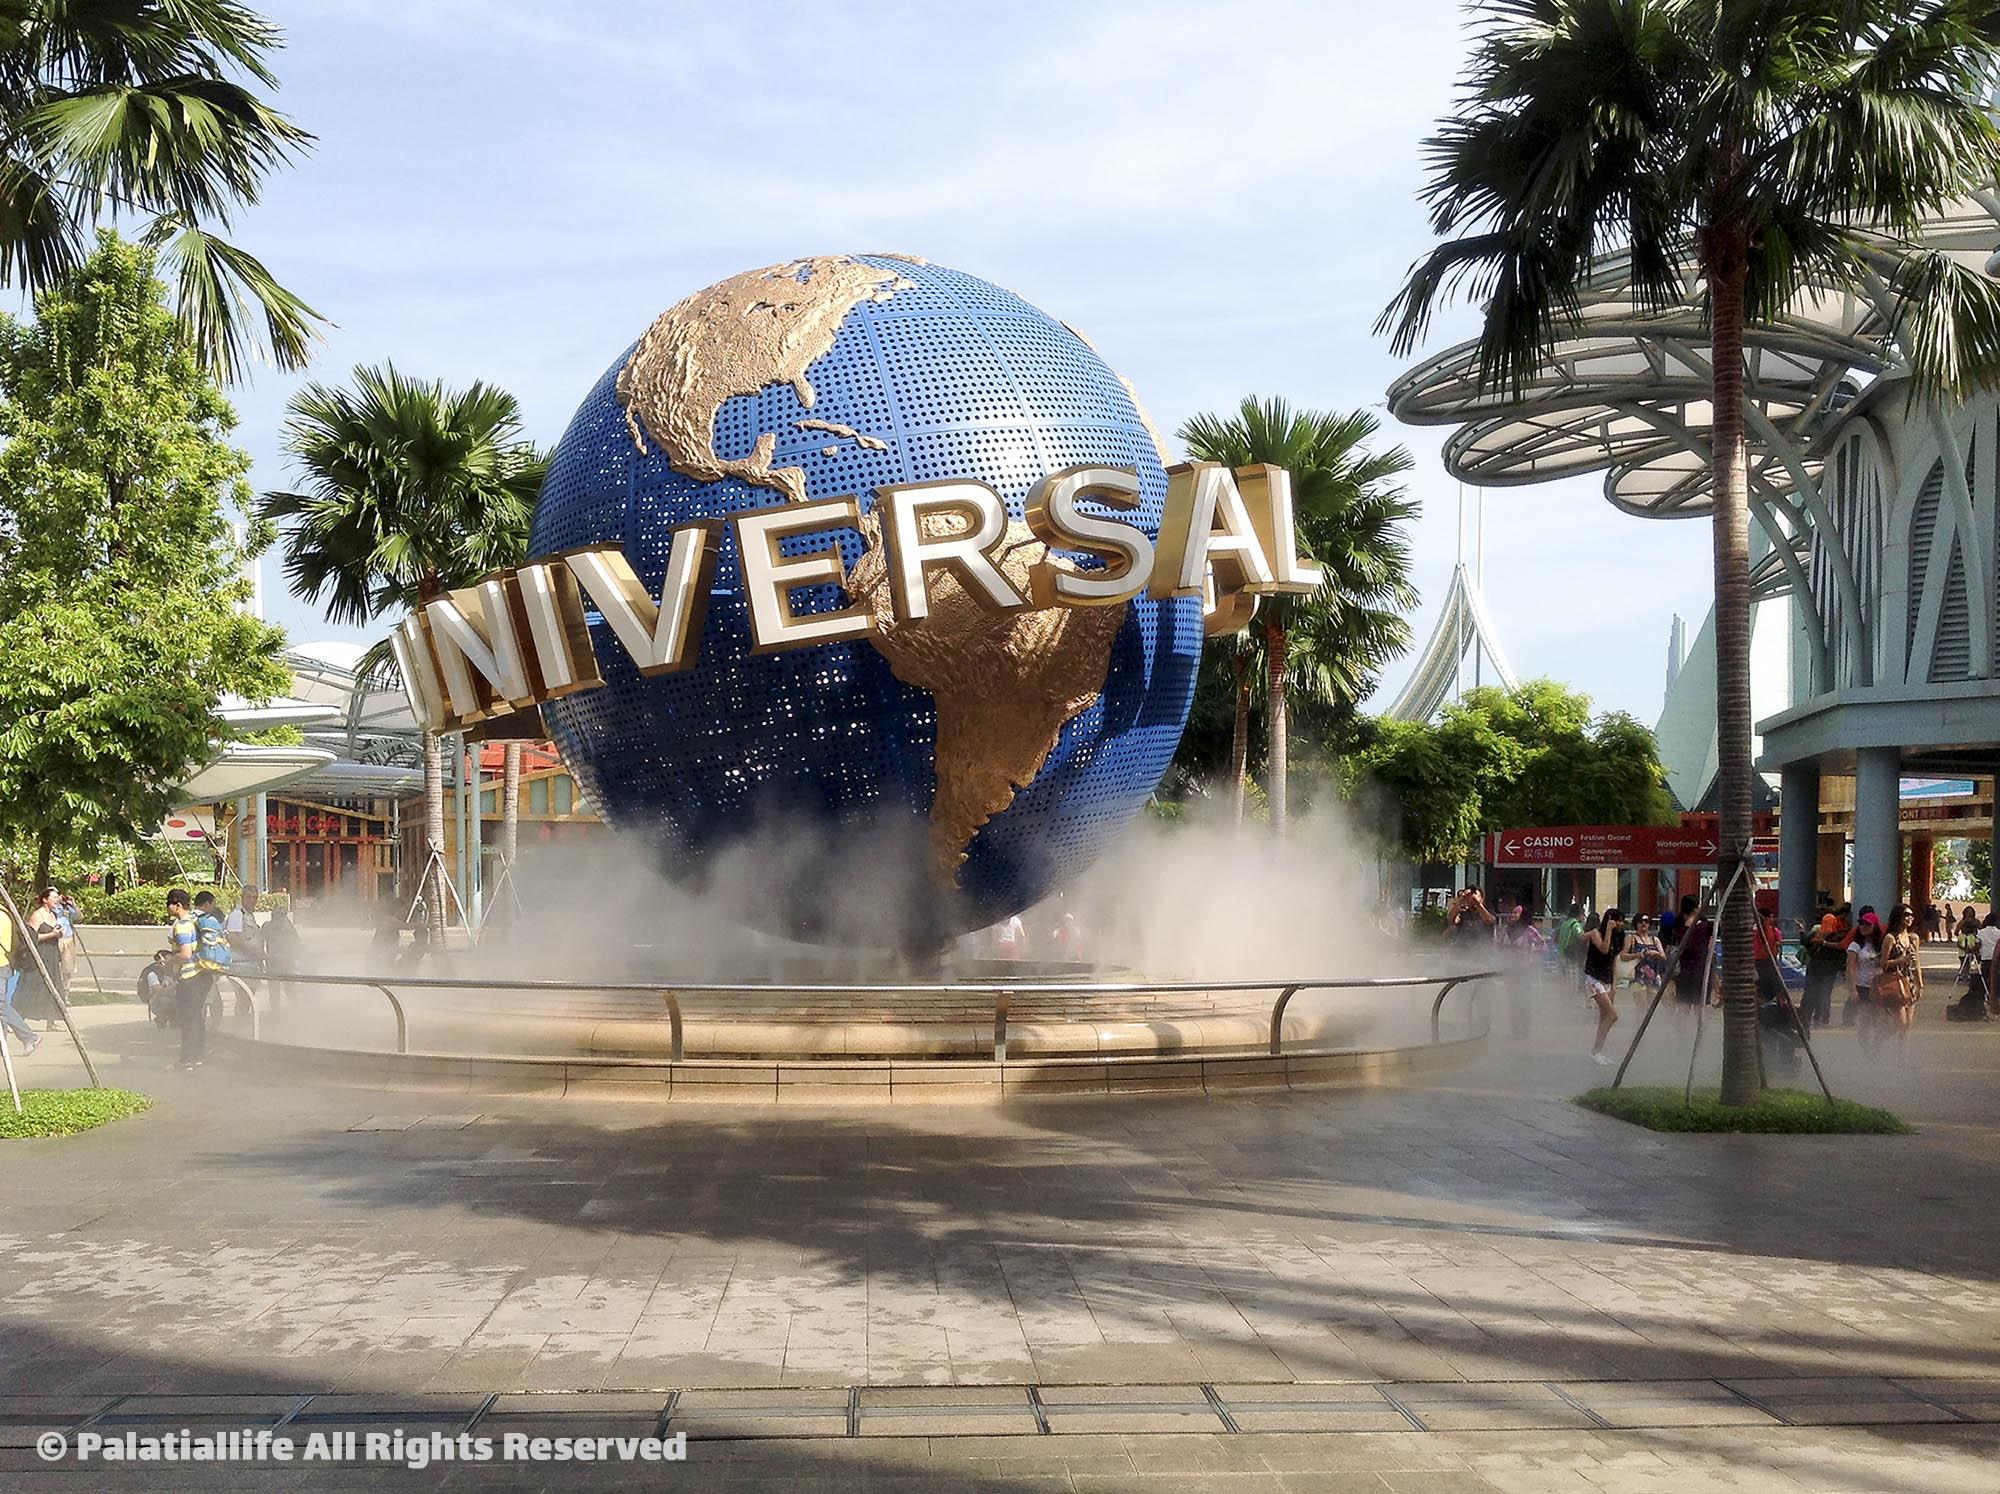 ยูนิเวอร์แซล สตูดิโอ Universal Studios  สิงคโปร์ เที่ยวเตร็ดเตร่ไปตาม 5 ย่านยอดฮิตที่ไม่ควรพลาด IMG 3092